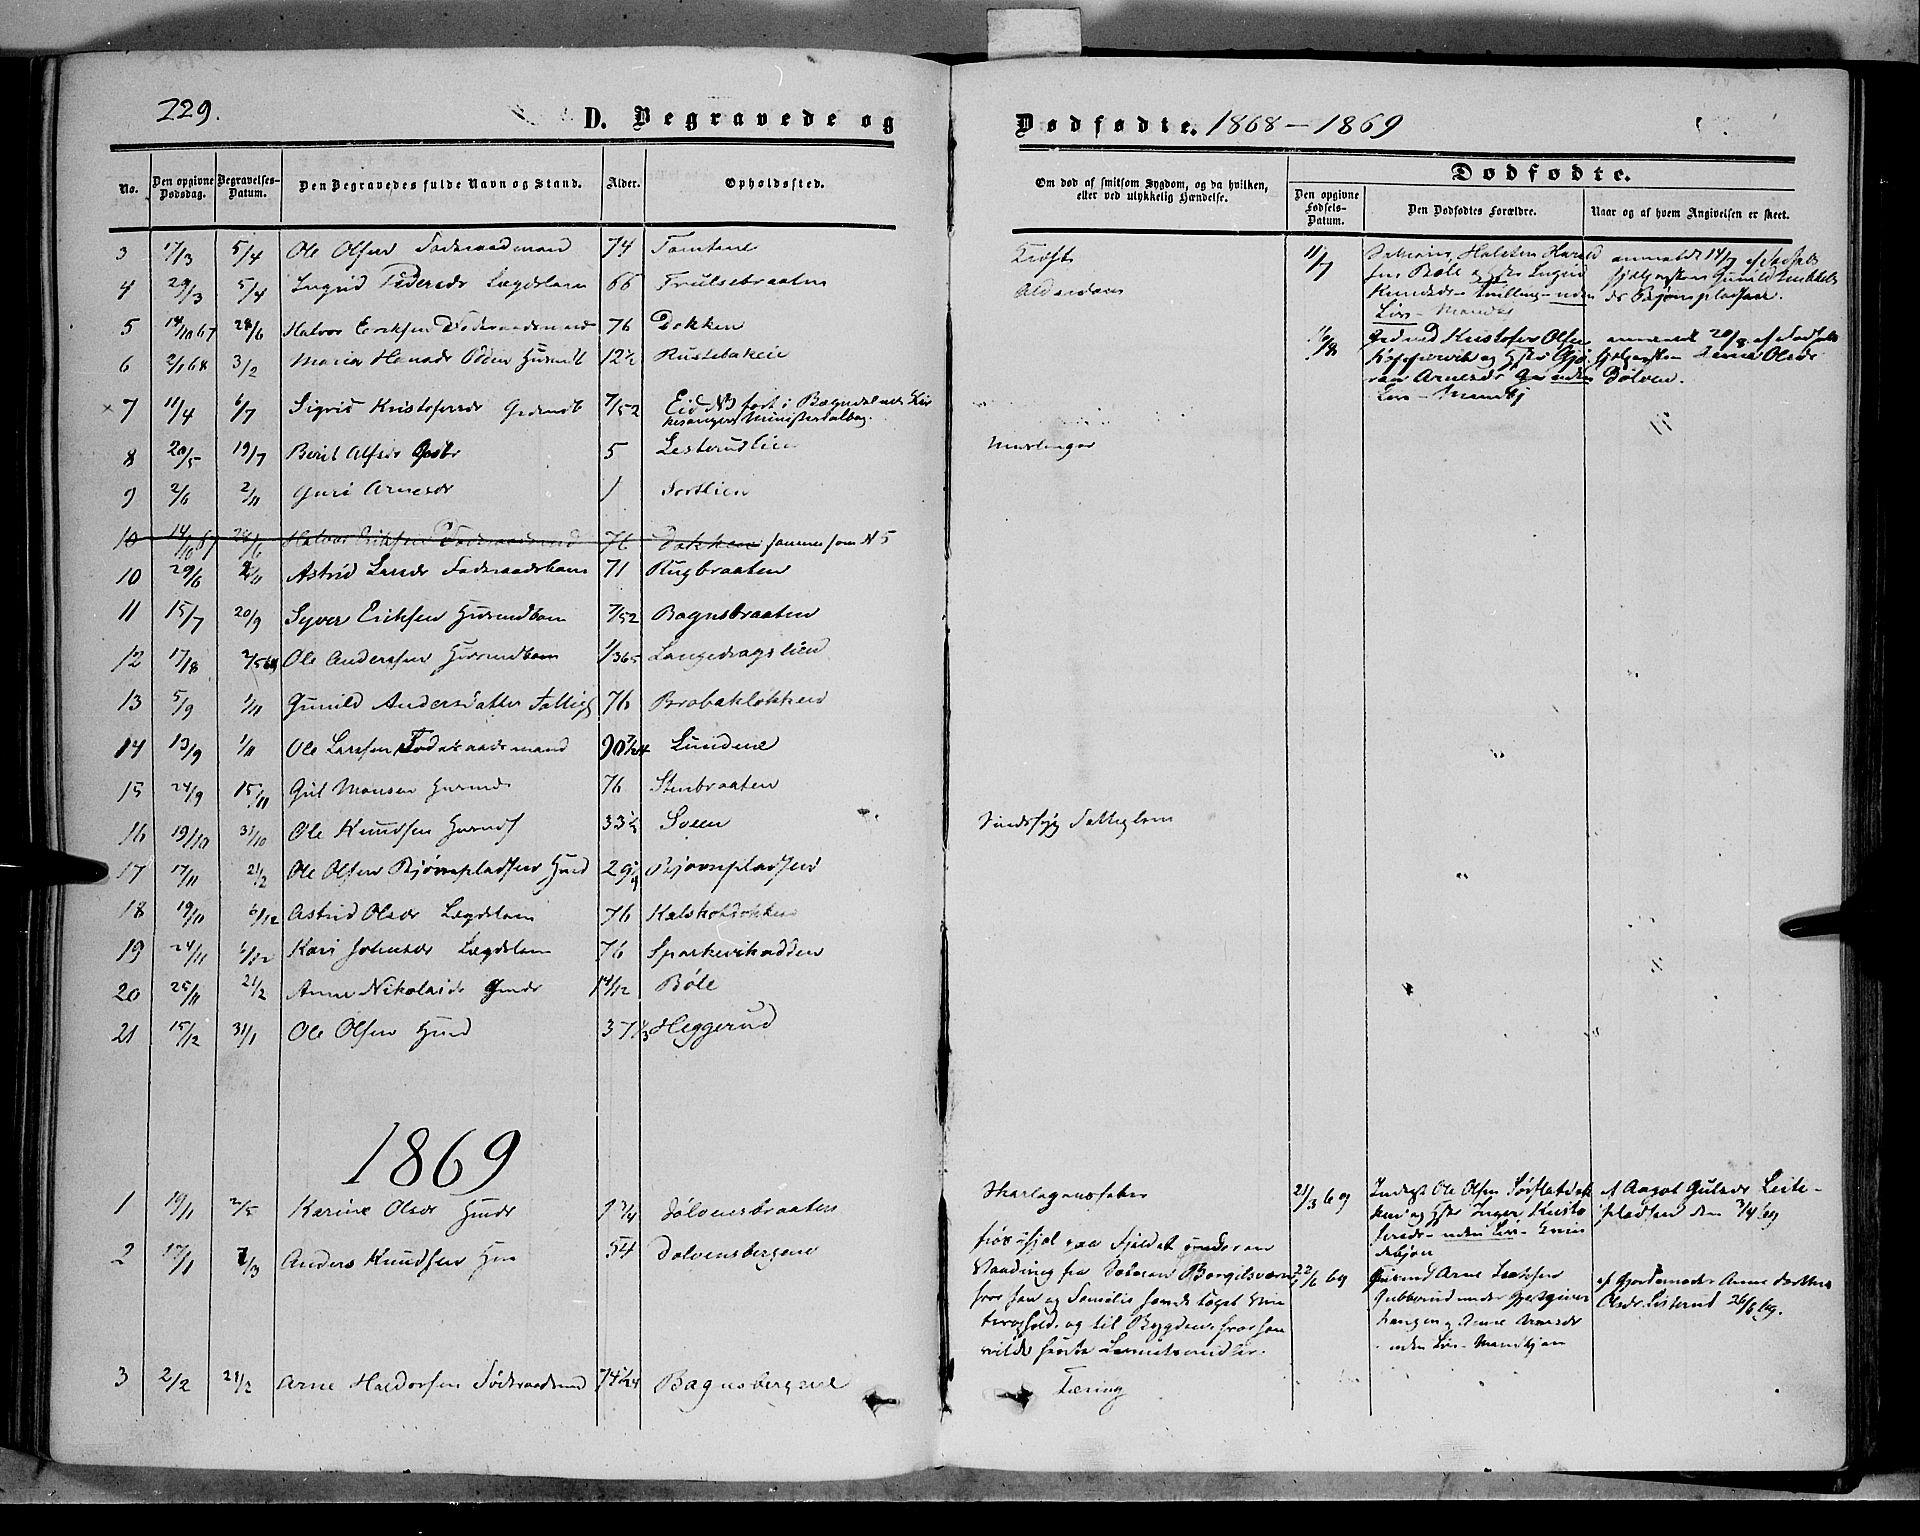 SAH, Sør-Aurdal prestekontor, Ministerialbok nr. 5, 1849-1876, s. 229